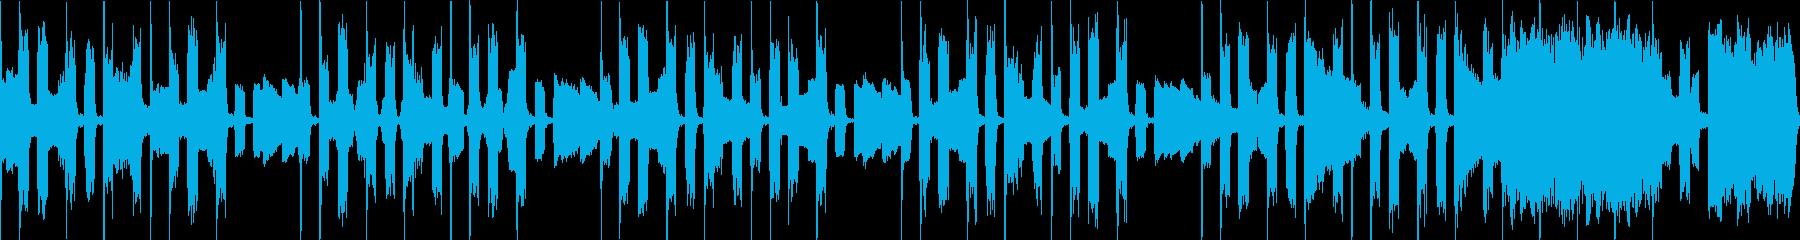 コミカル ループ R&B ラジオ用の再生済みの波形